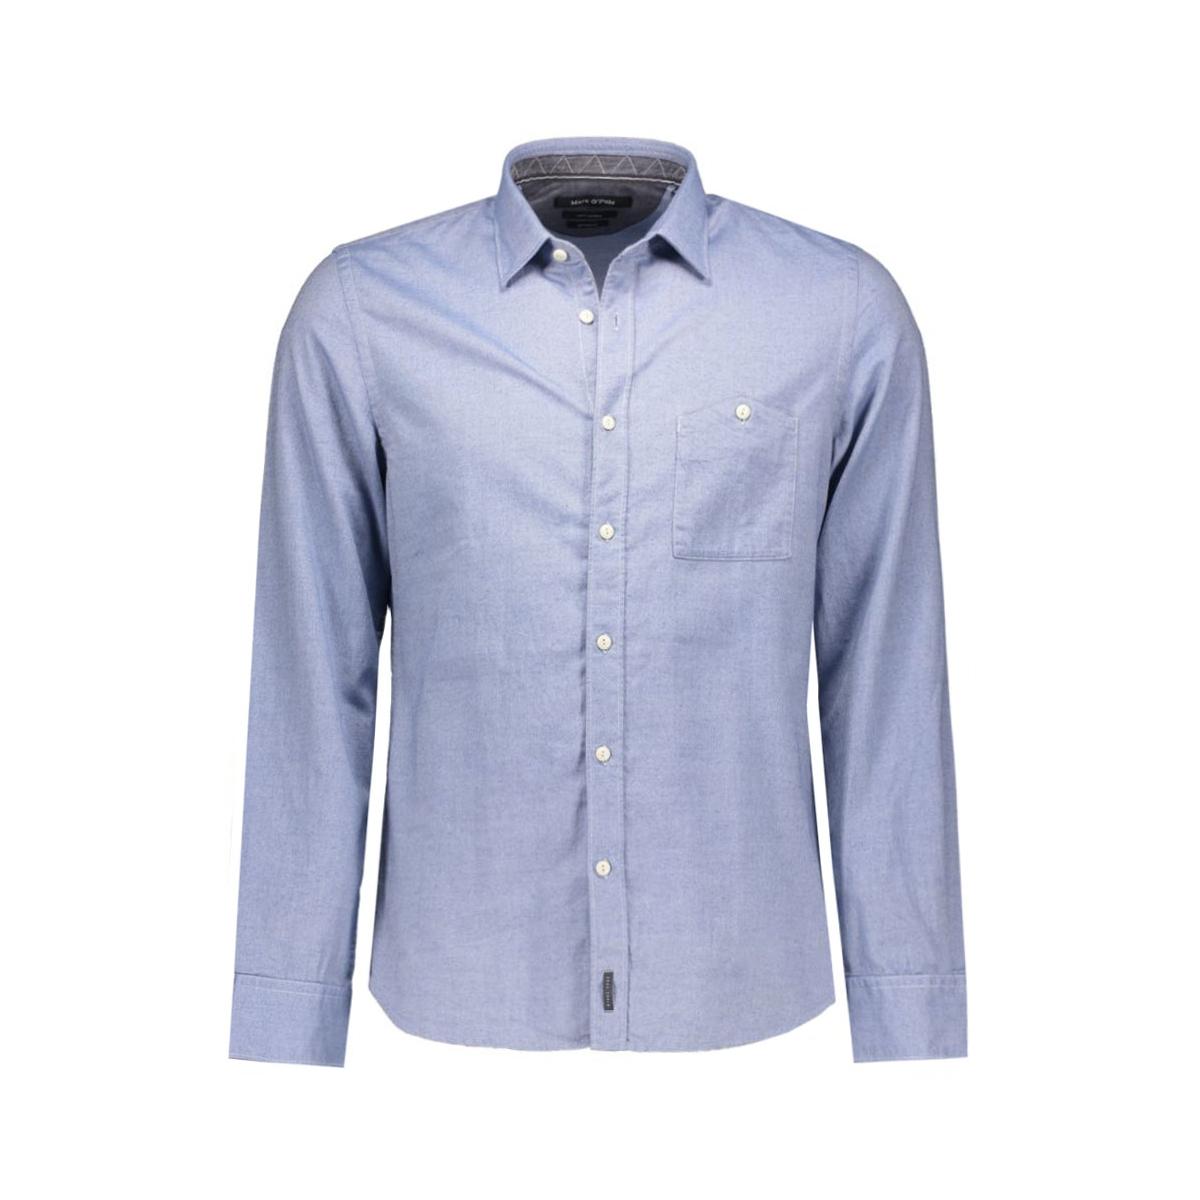 629 1112 42184 marc o`polo overhemd g80